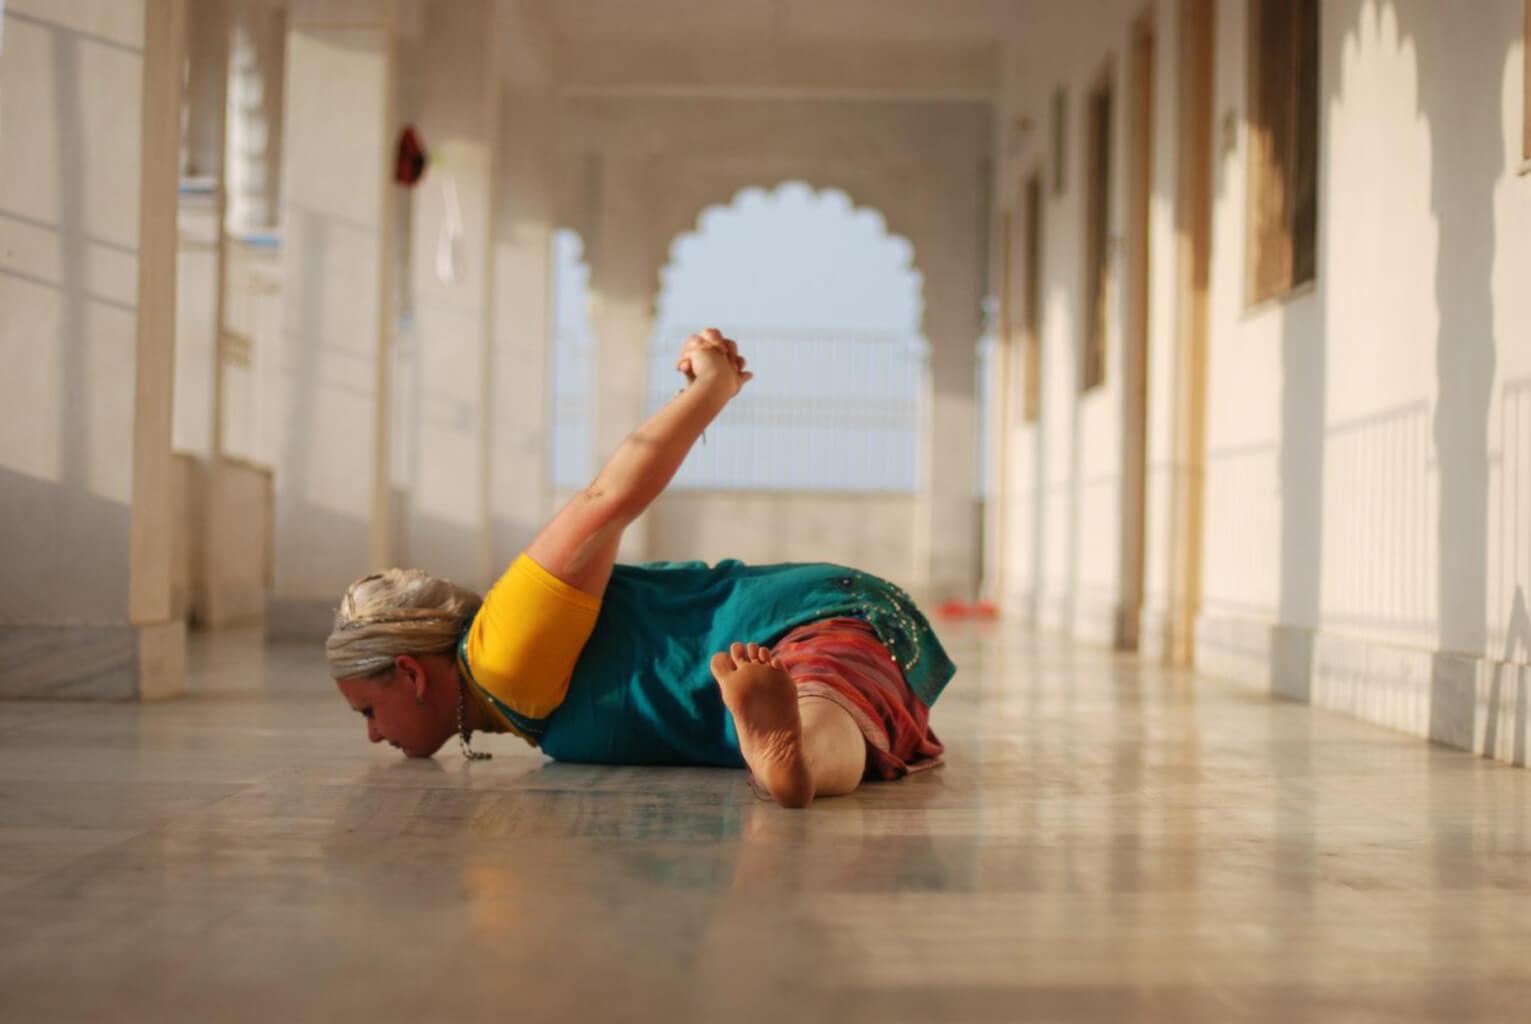 скидки распродажи фото джерри йога используют качестве недорогого